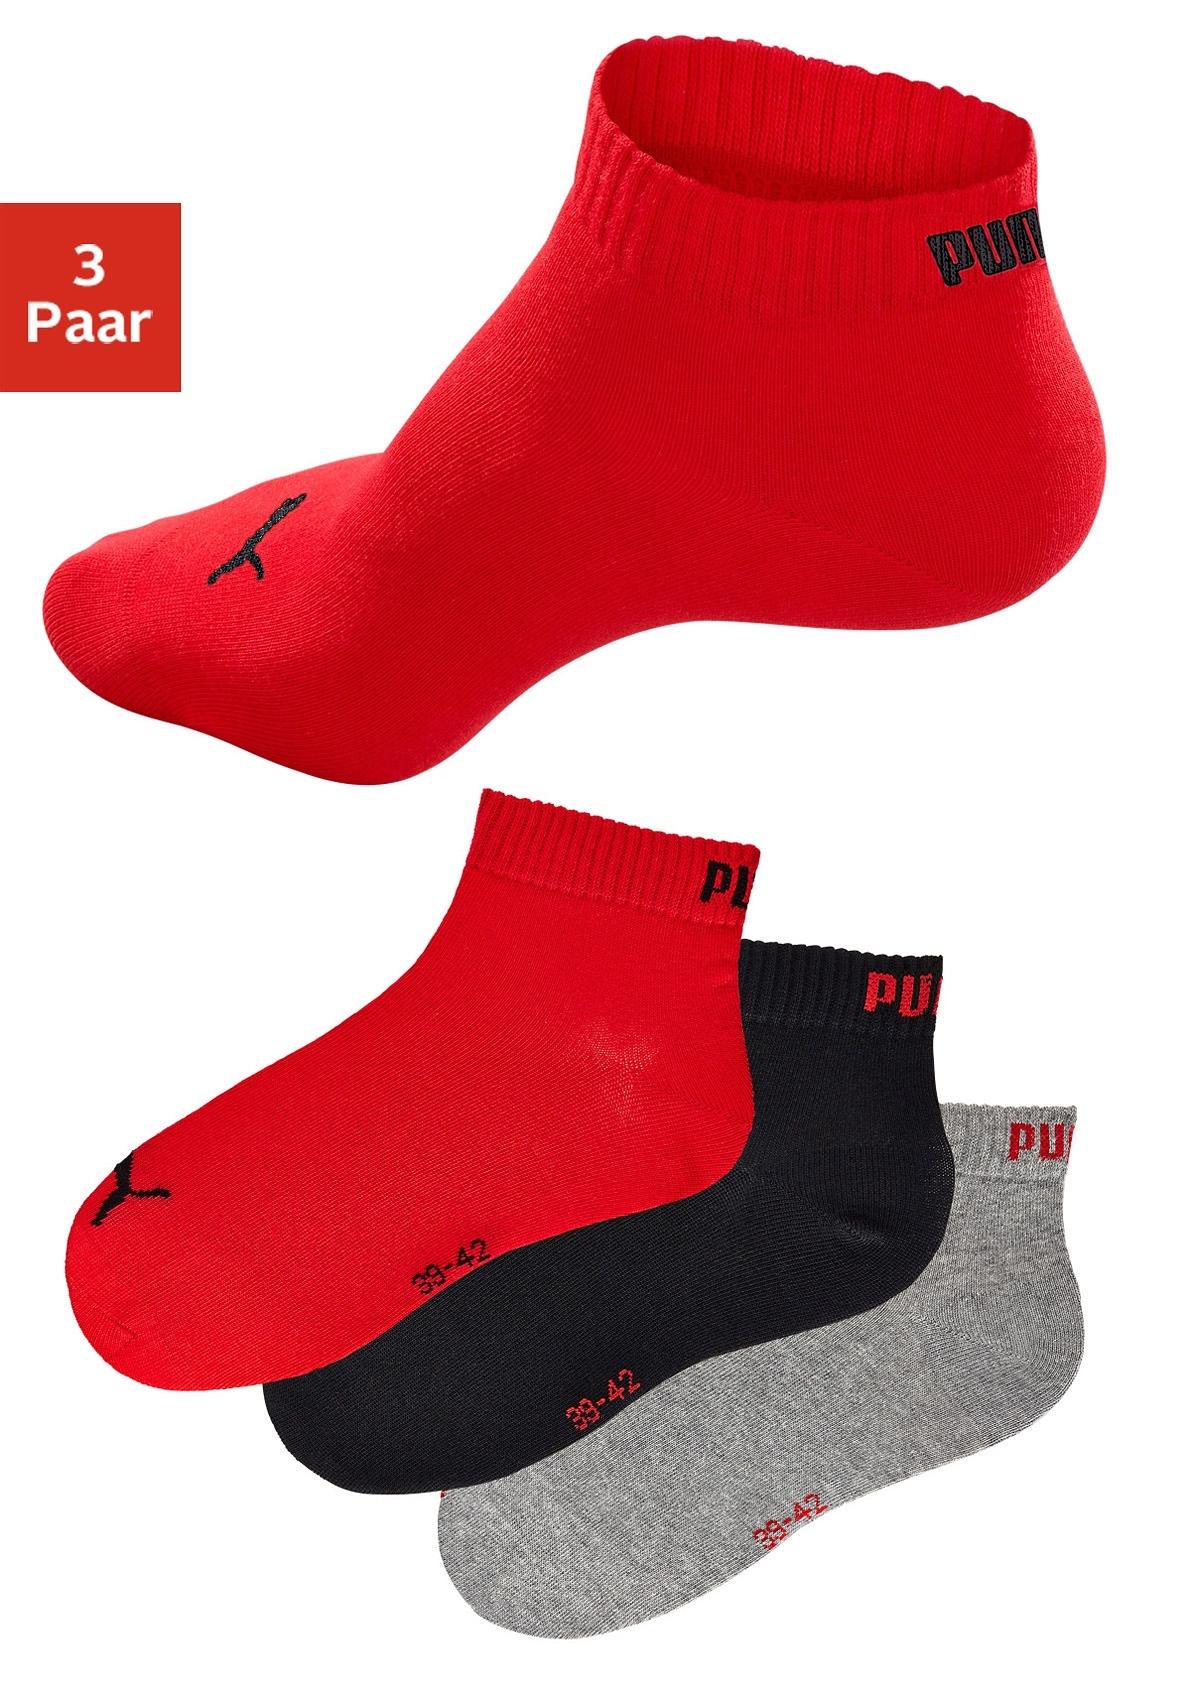 PUMA sportieve korte sokken (set van 3 paar) met ribboord online kopen op lascana.nl